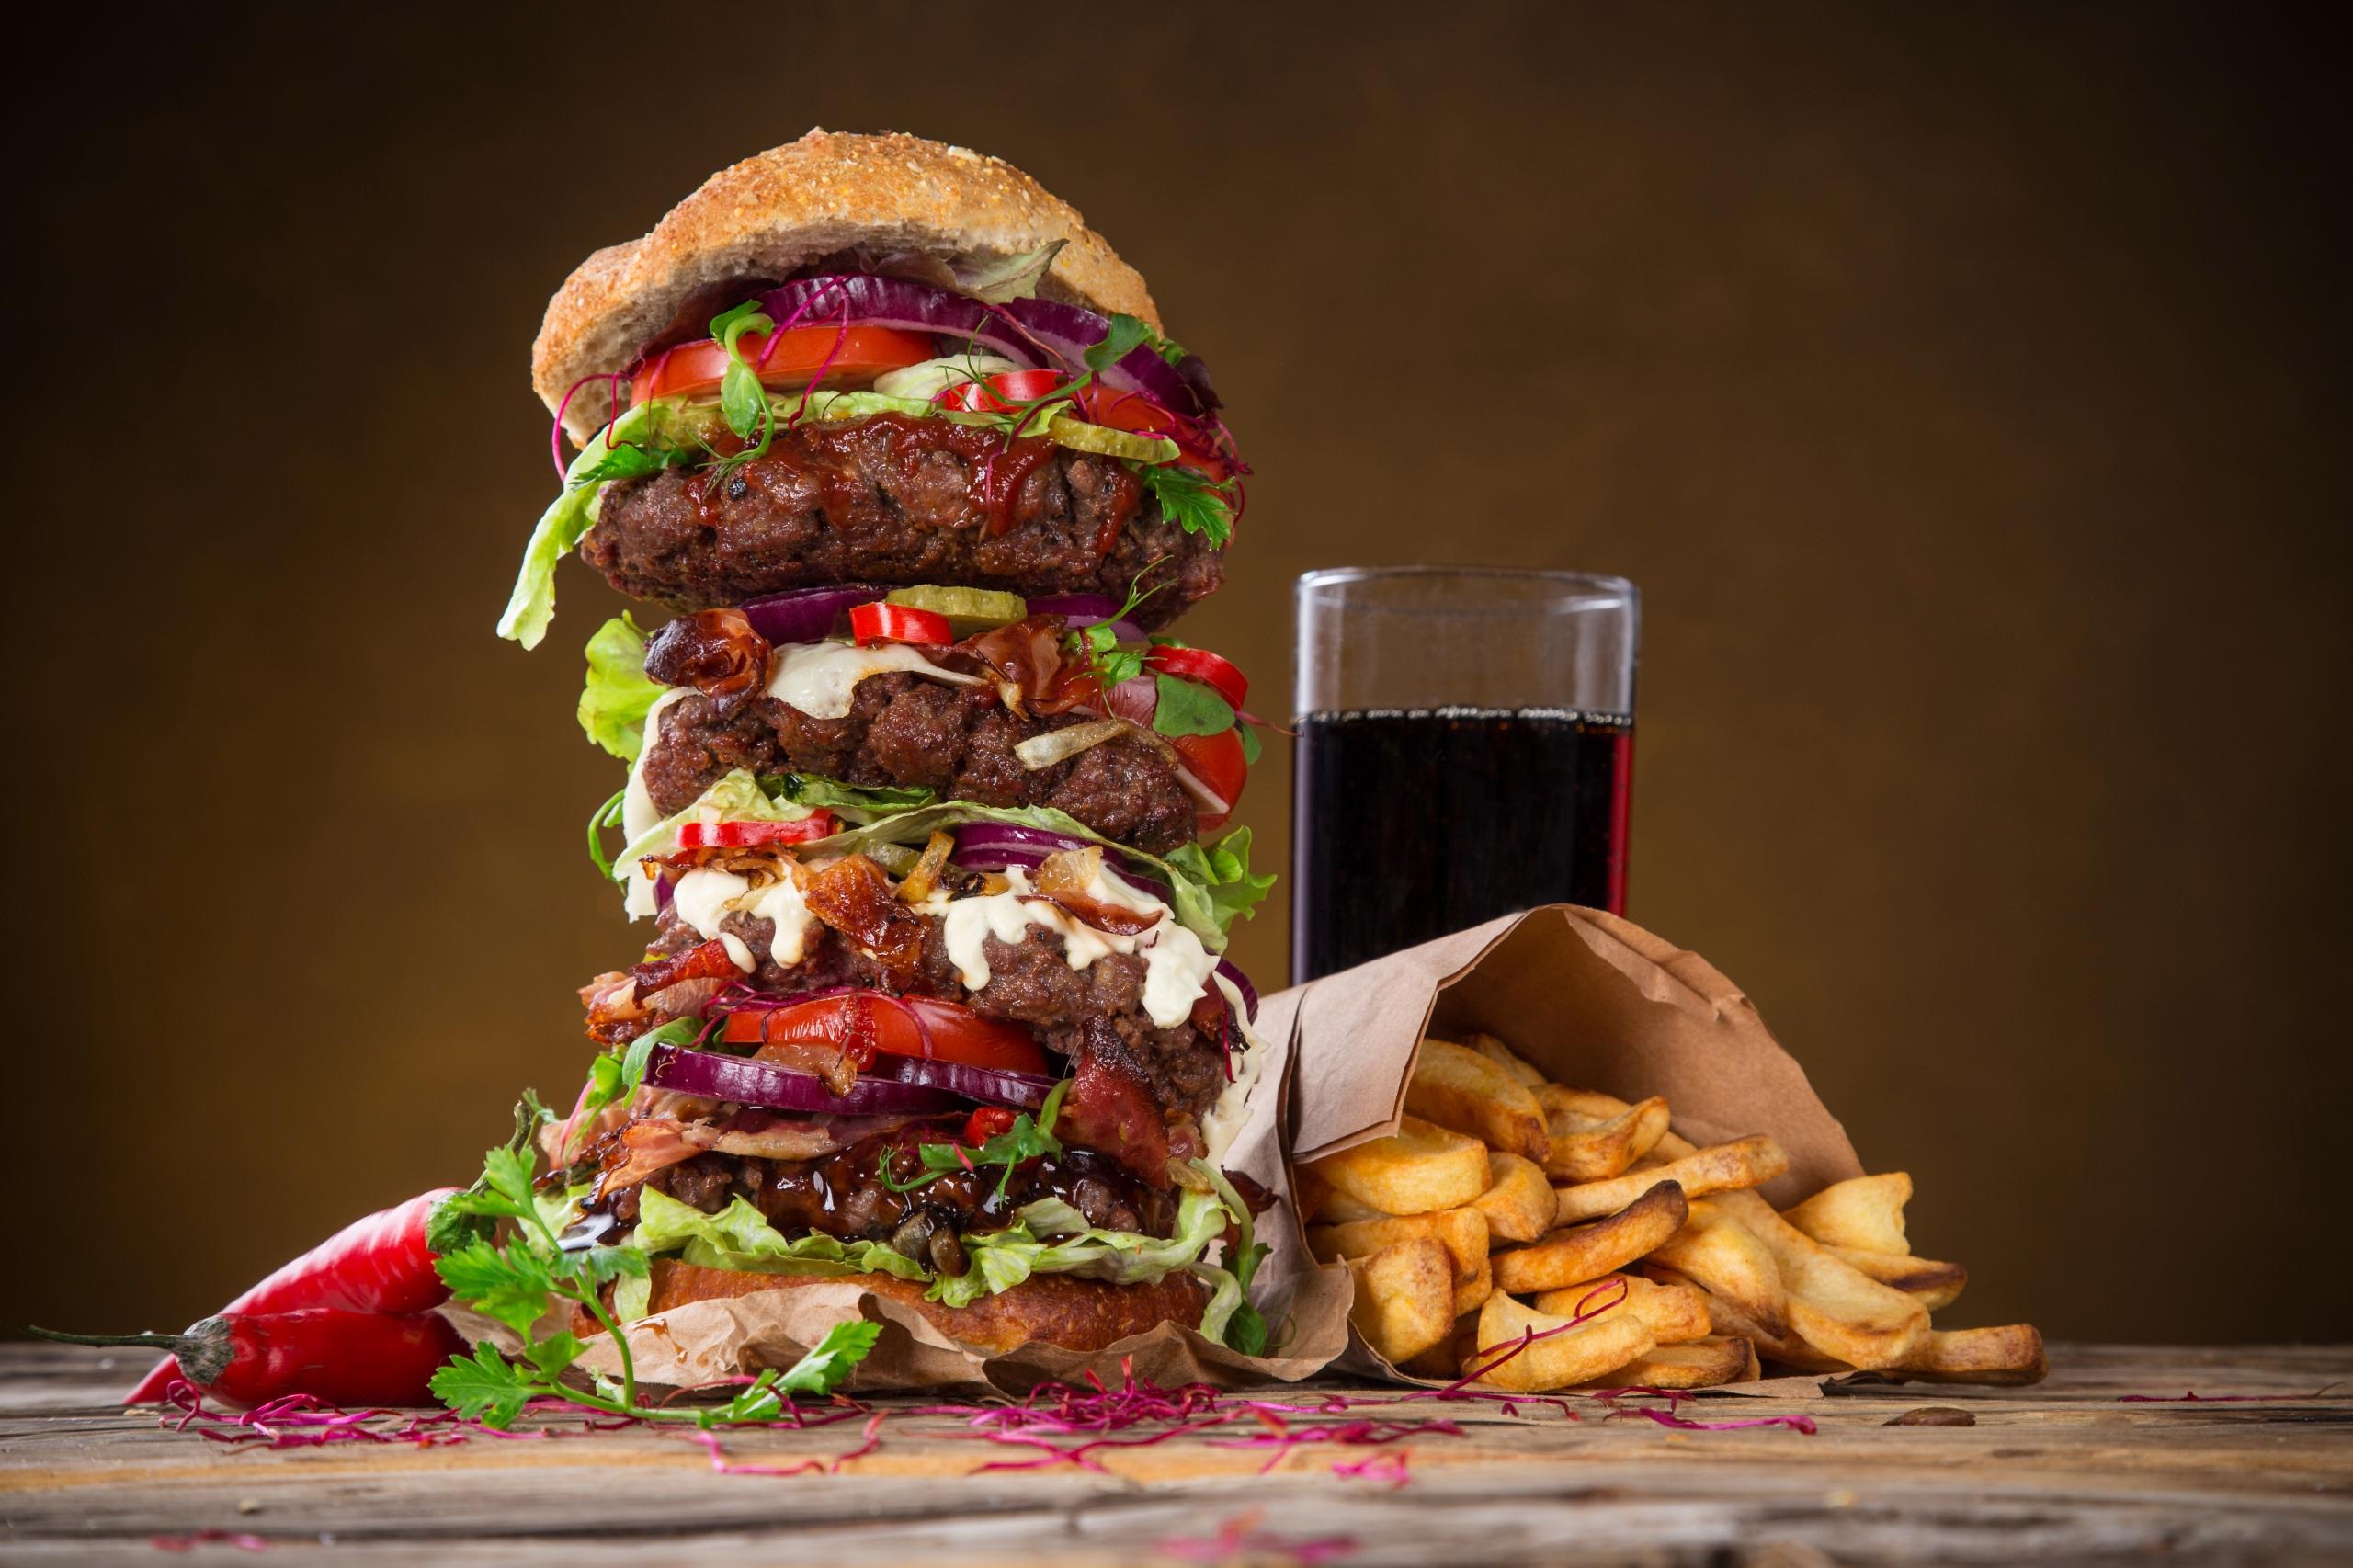 Обои Гамбургер Картофель фри Стакан Быстрое питание Продукты питания Напитки 2560x1706 стакана стакане Фастфуд Еда Пища